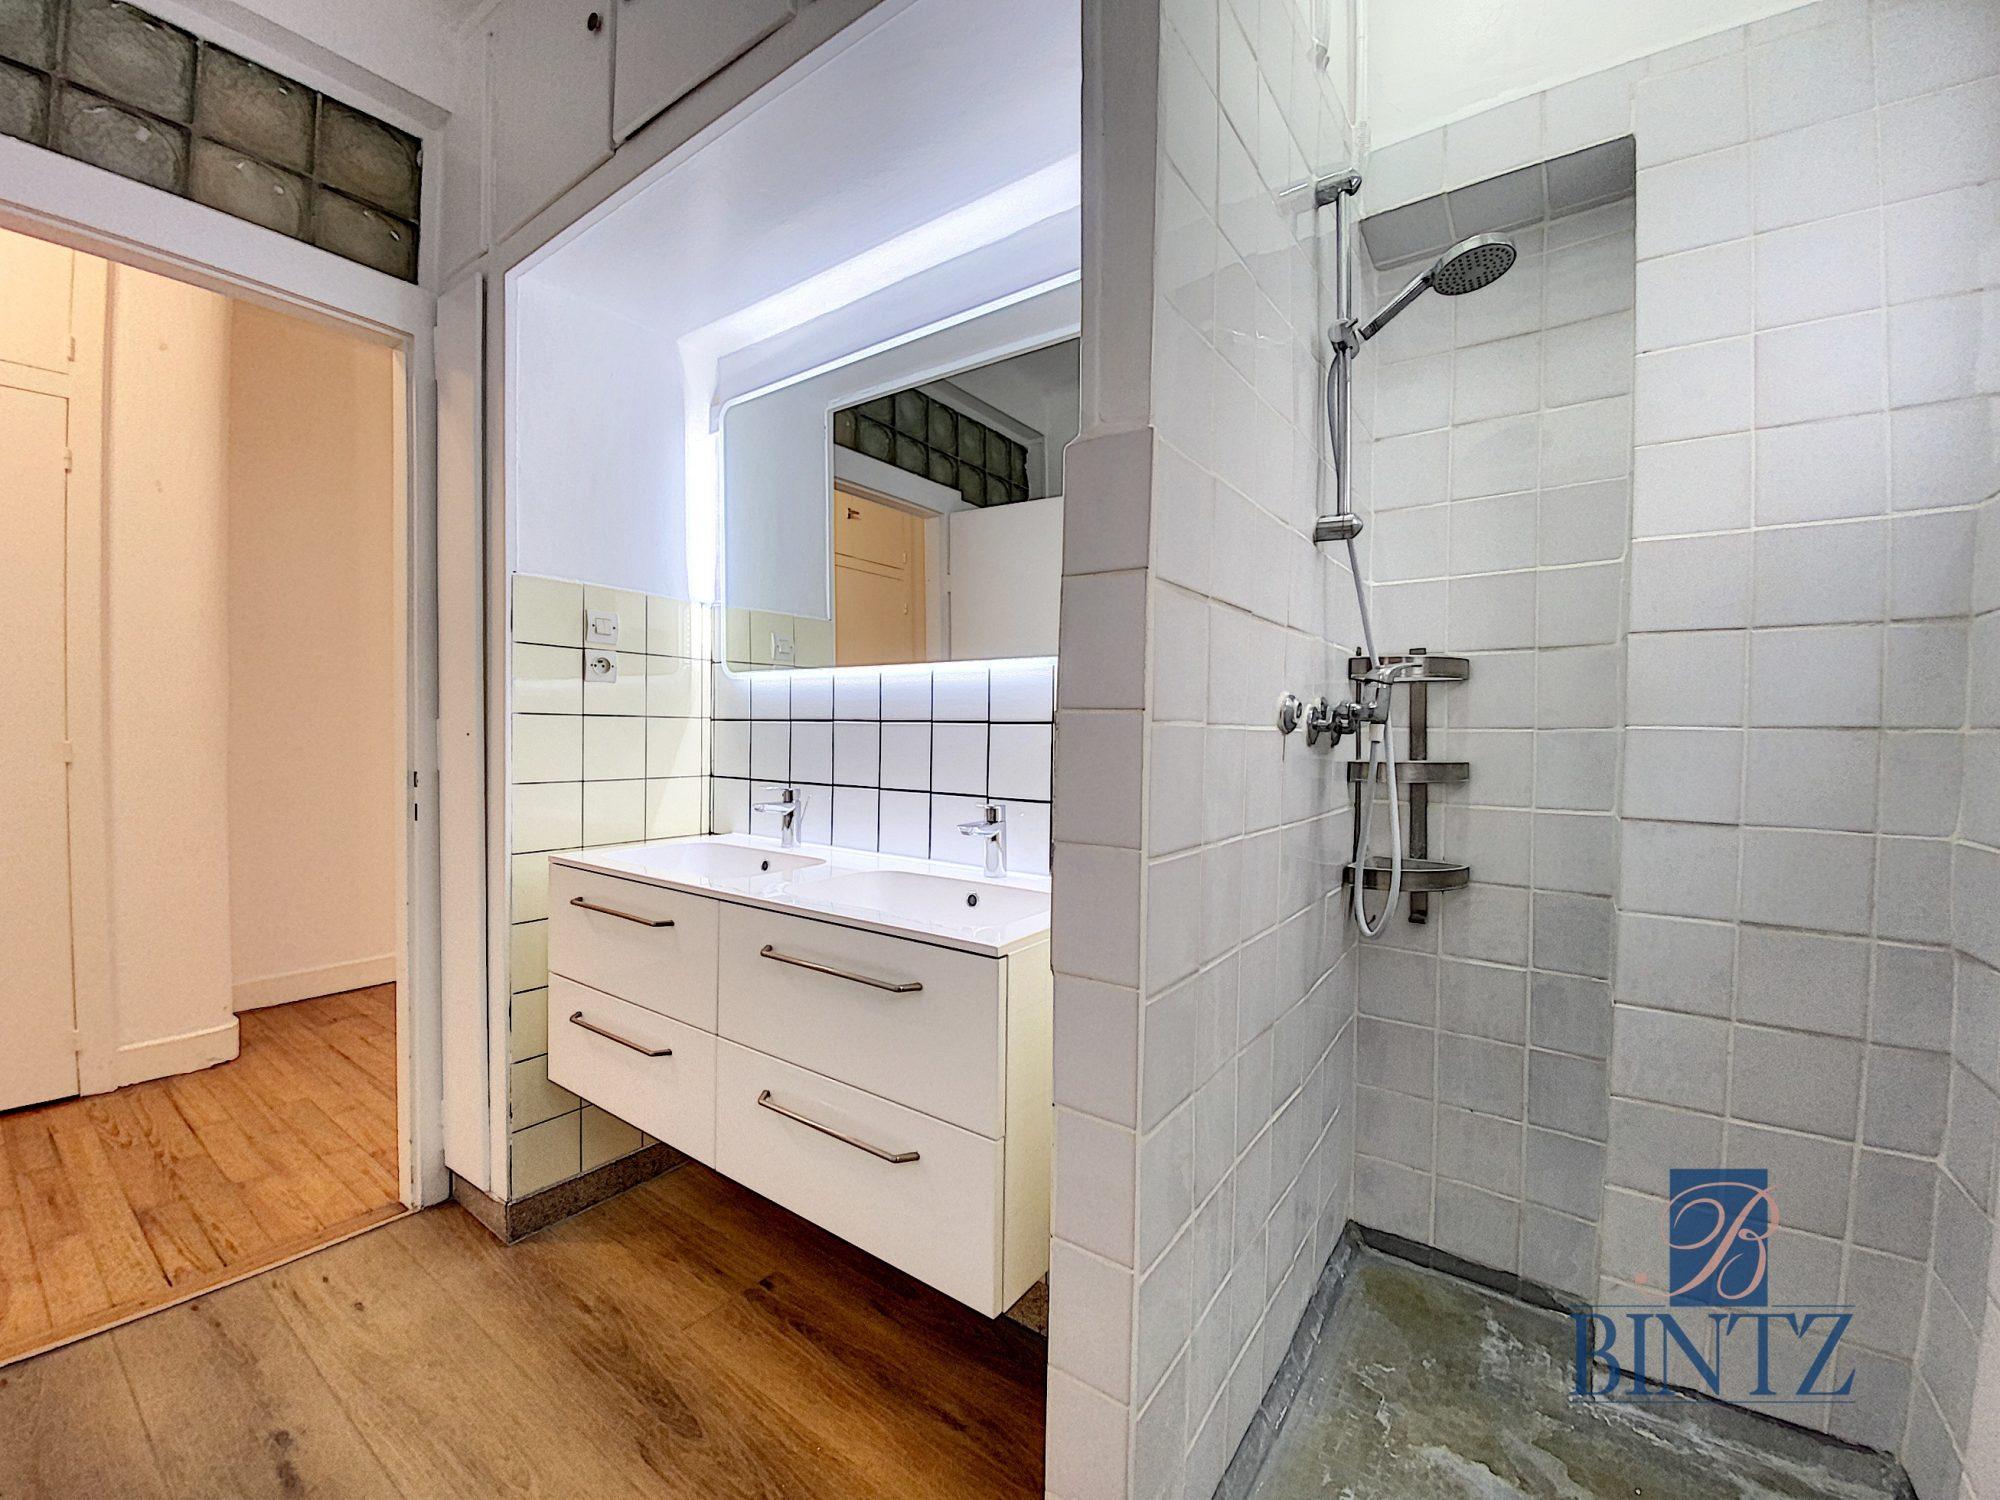 3P avec terrasse orangerie - Devenez locataire en toute sérénité - Bintz Immobilier - 16